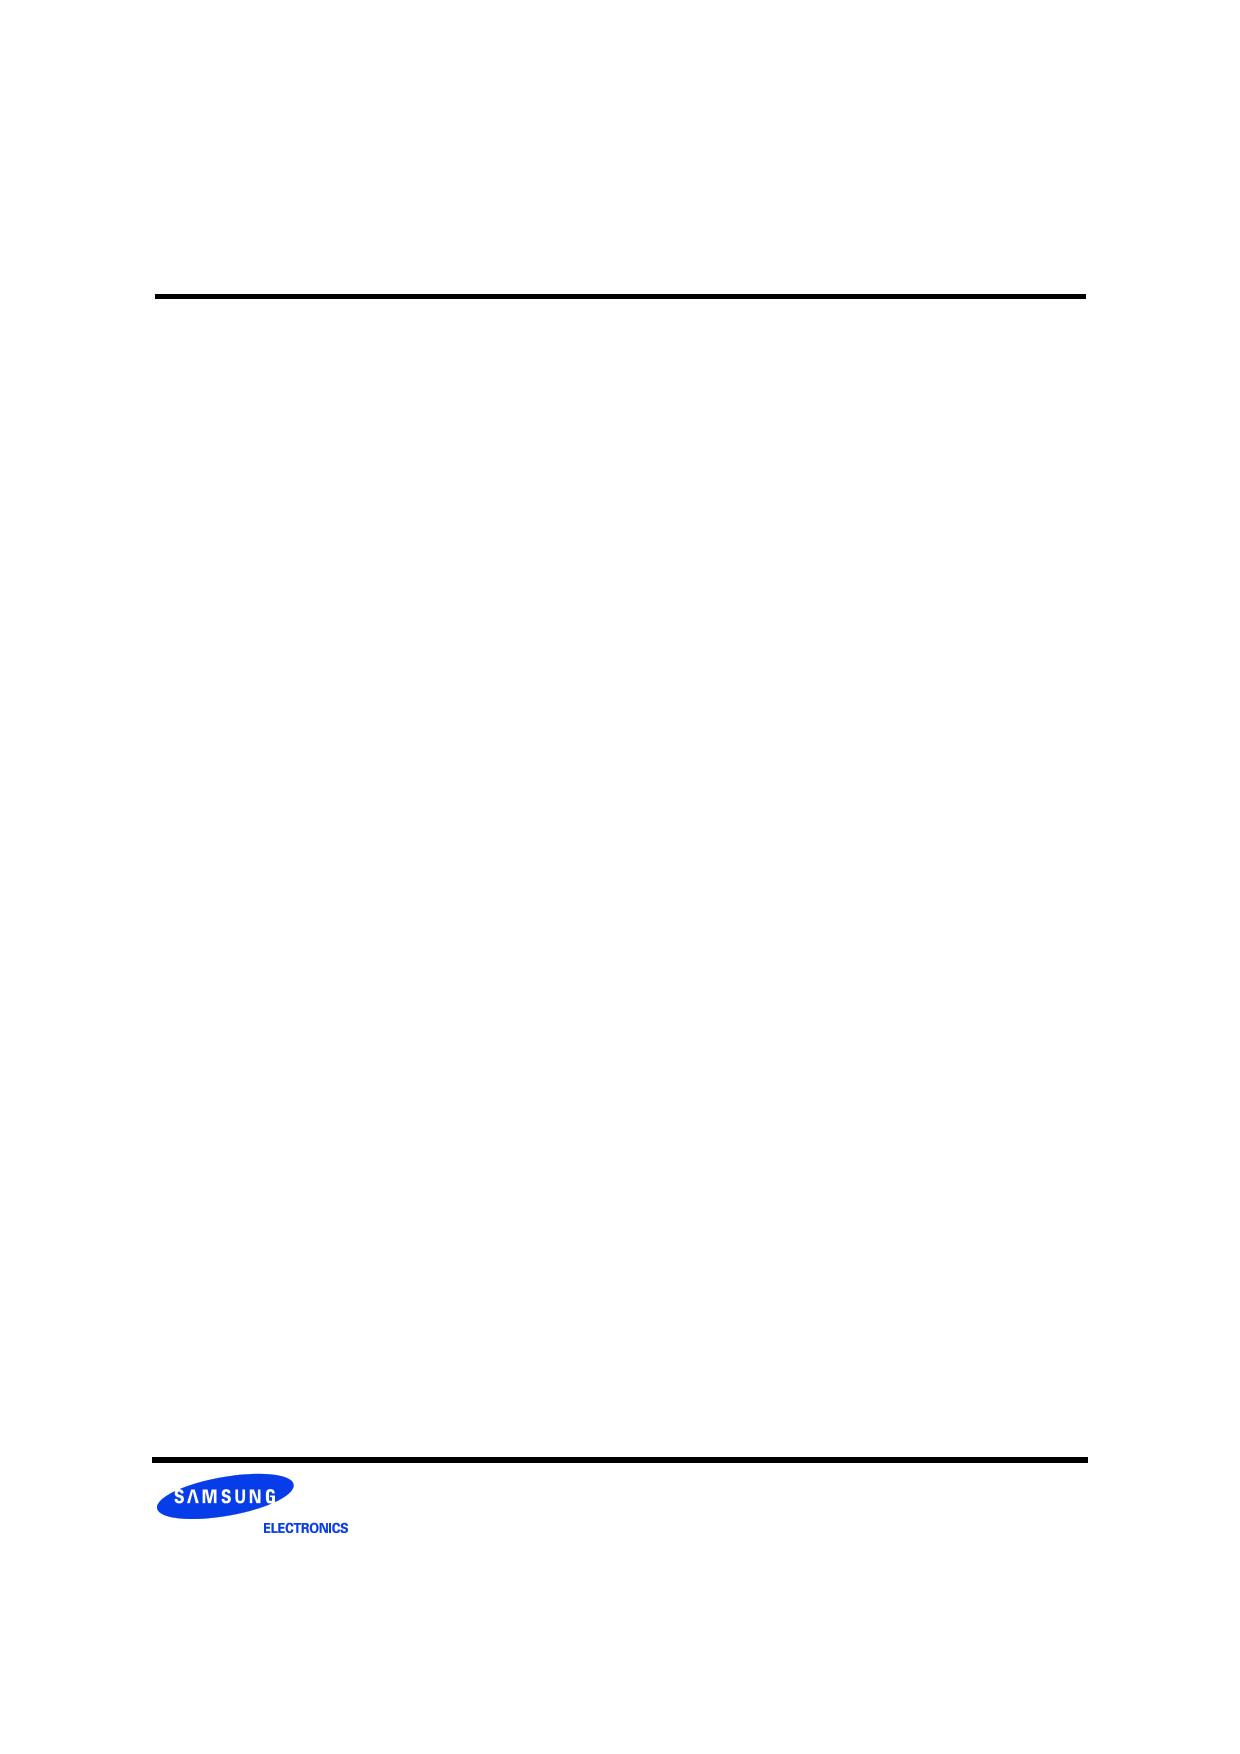 M378T3354BG دیتاشیت PDF